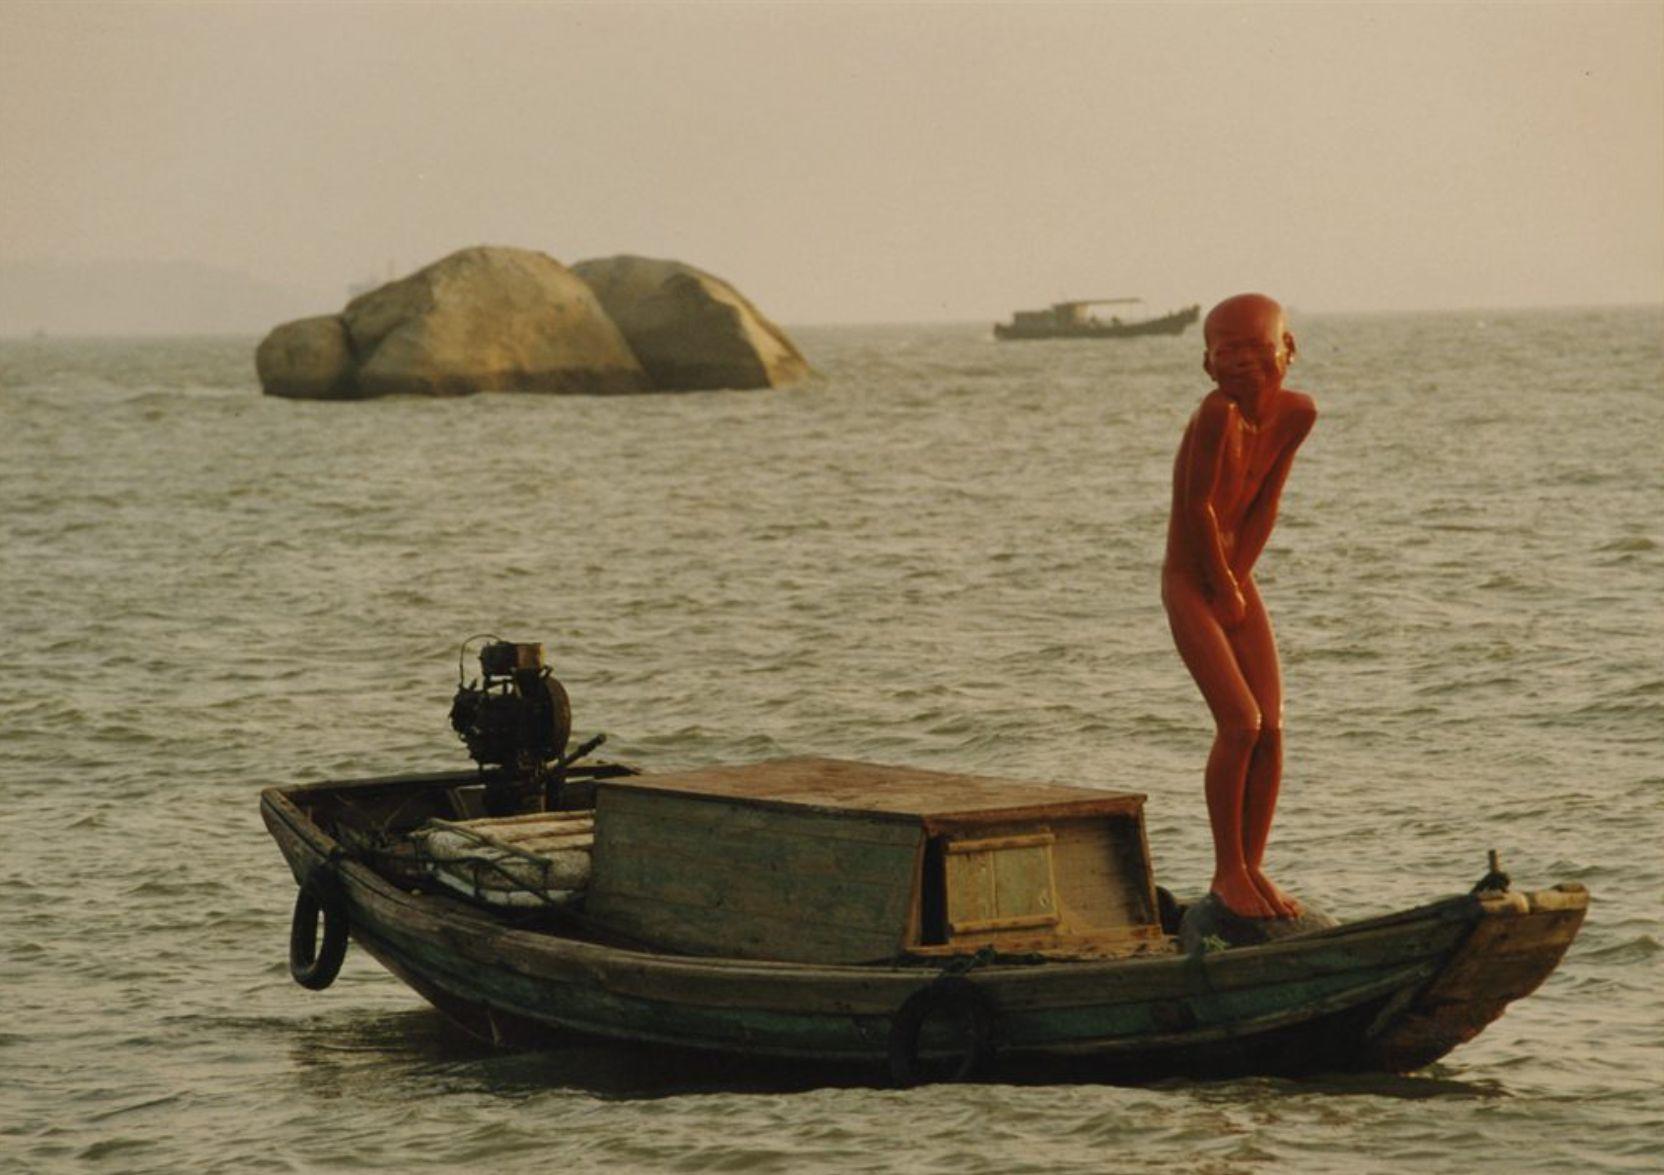 붉은기억-부끄럼타는아이 163x40x38cm유리섬유 강화플라스틱에 착색 2001 모래사장과 배 위에 놓은 천원링의 붉은 작품은 그가 만든 아이들처럼 벌거벗은 채 세상과 만났다.